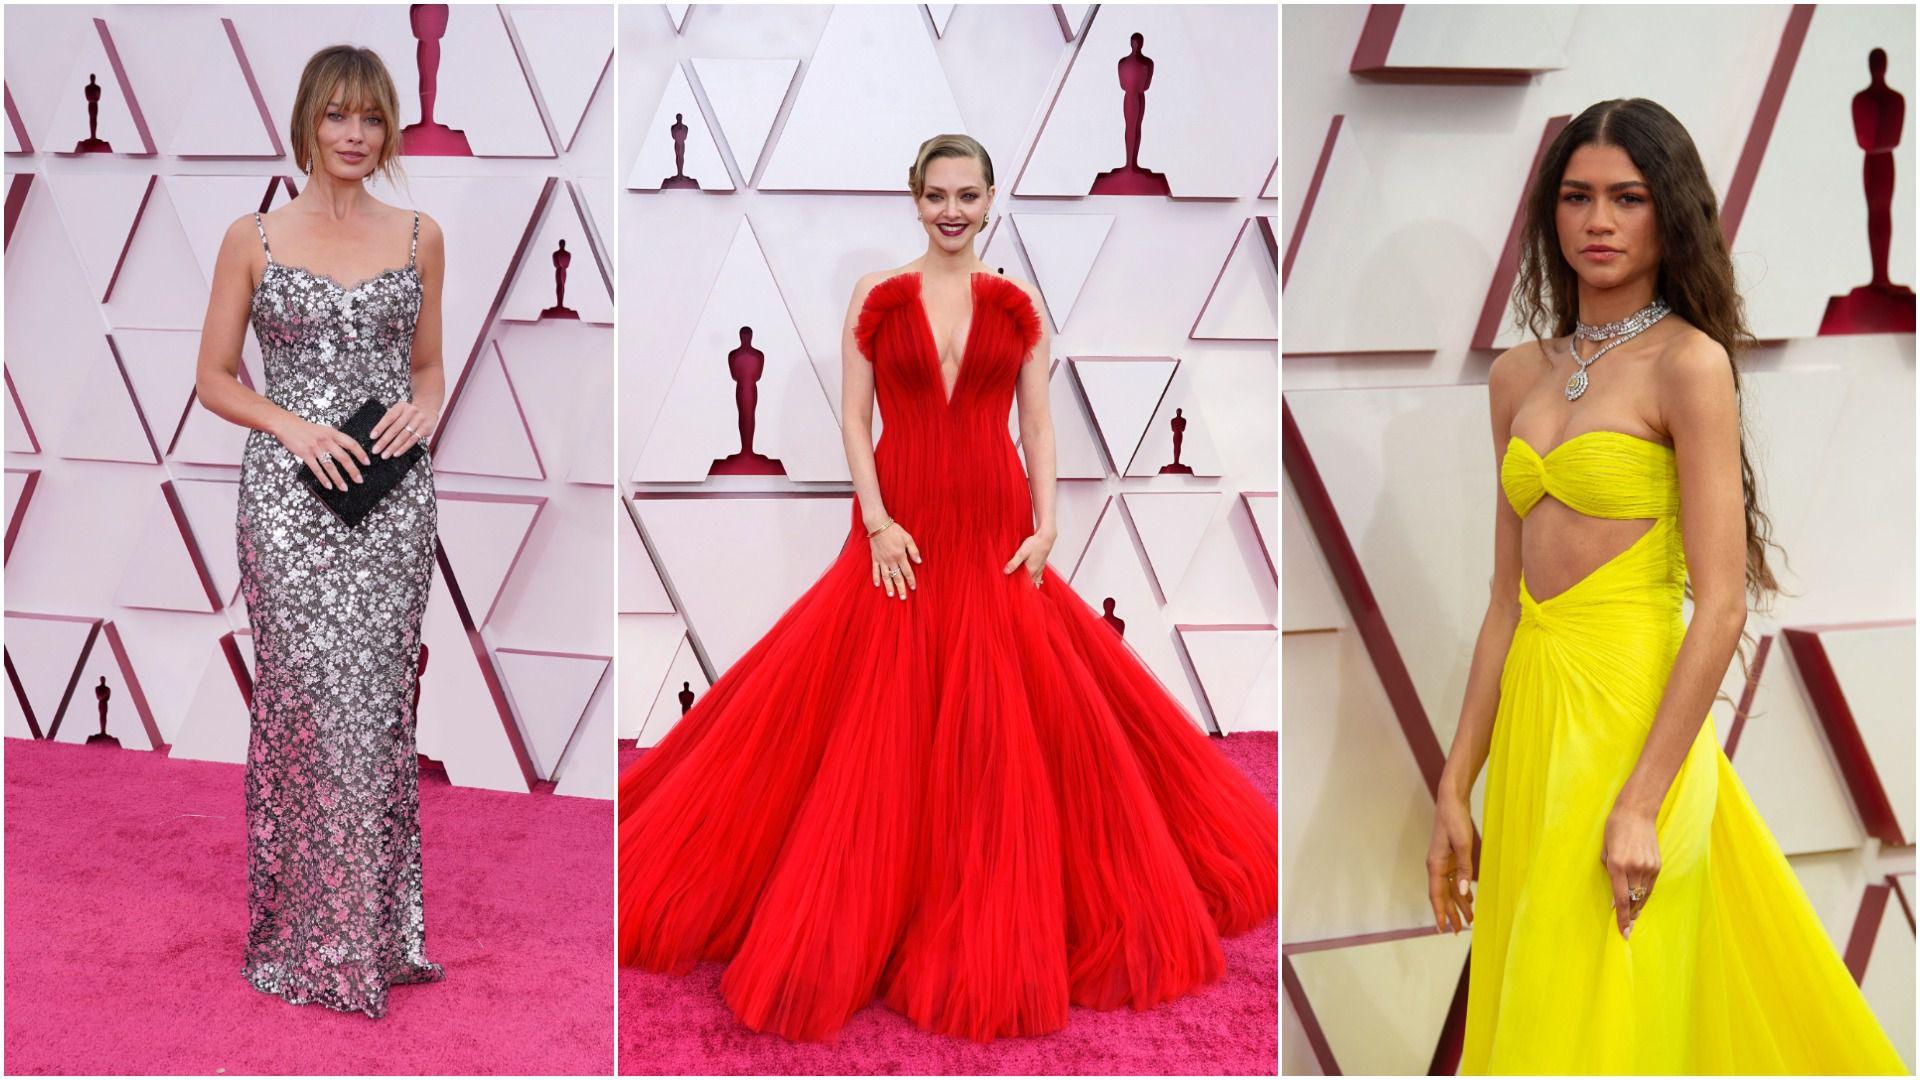 Najbolje odjevene uzvanice i uzvanici s dodjele Oscara 2021.